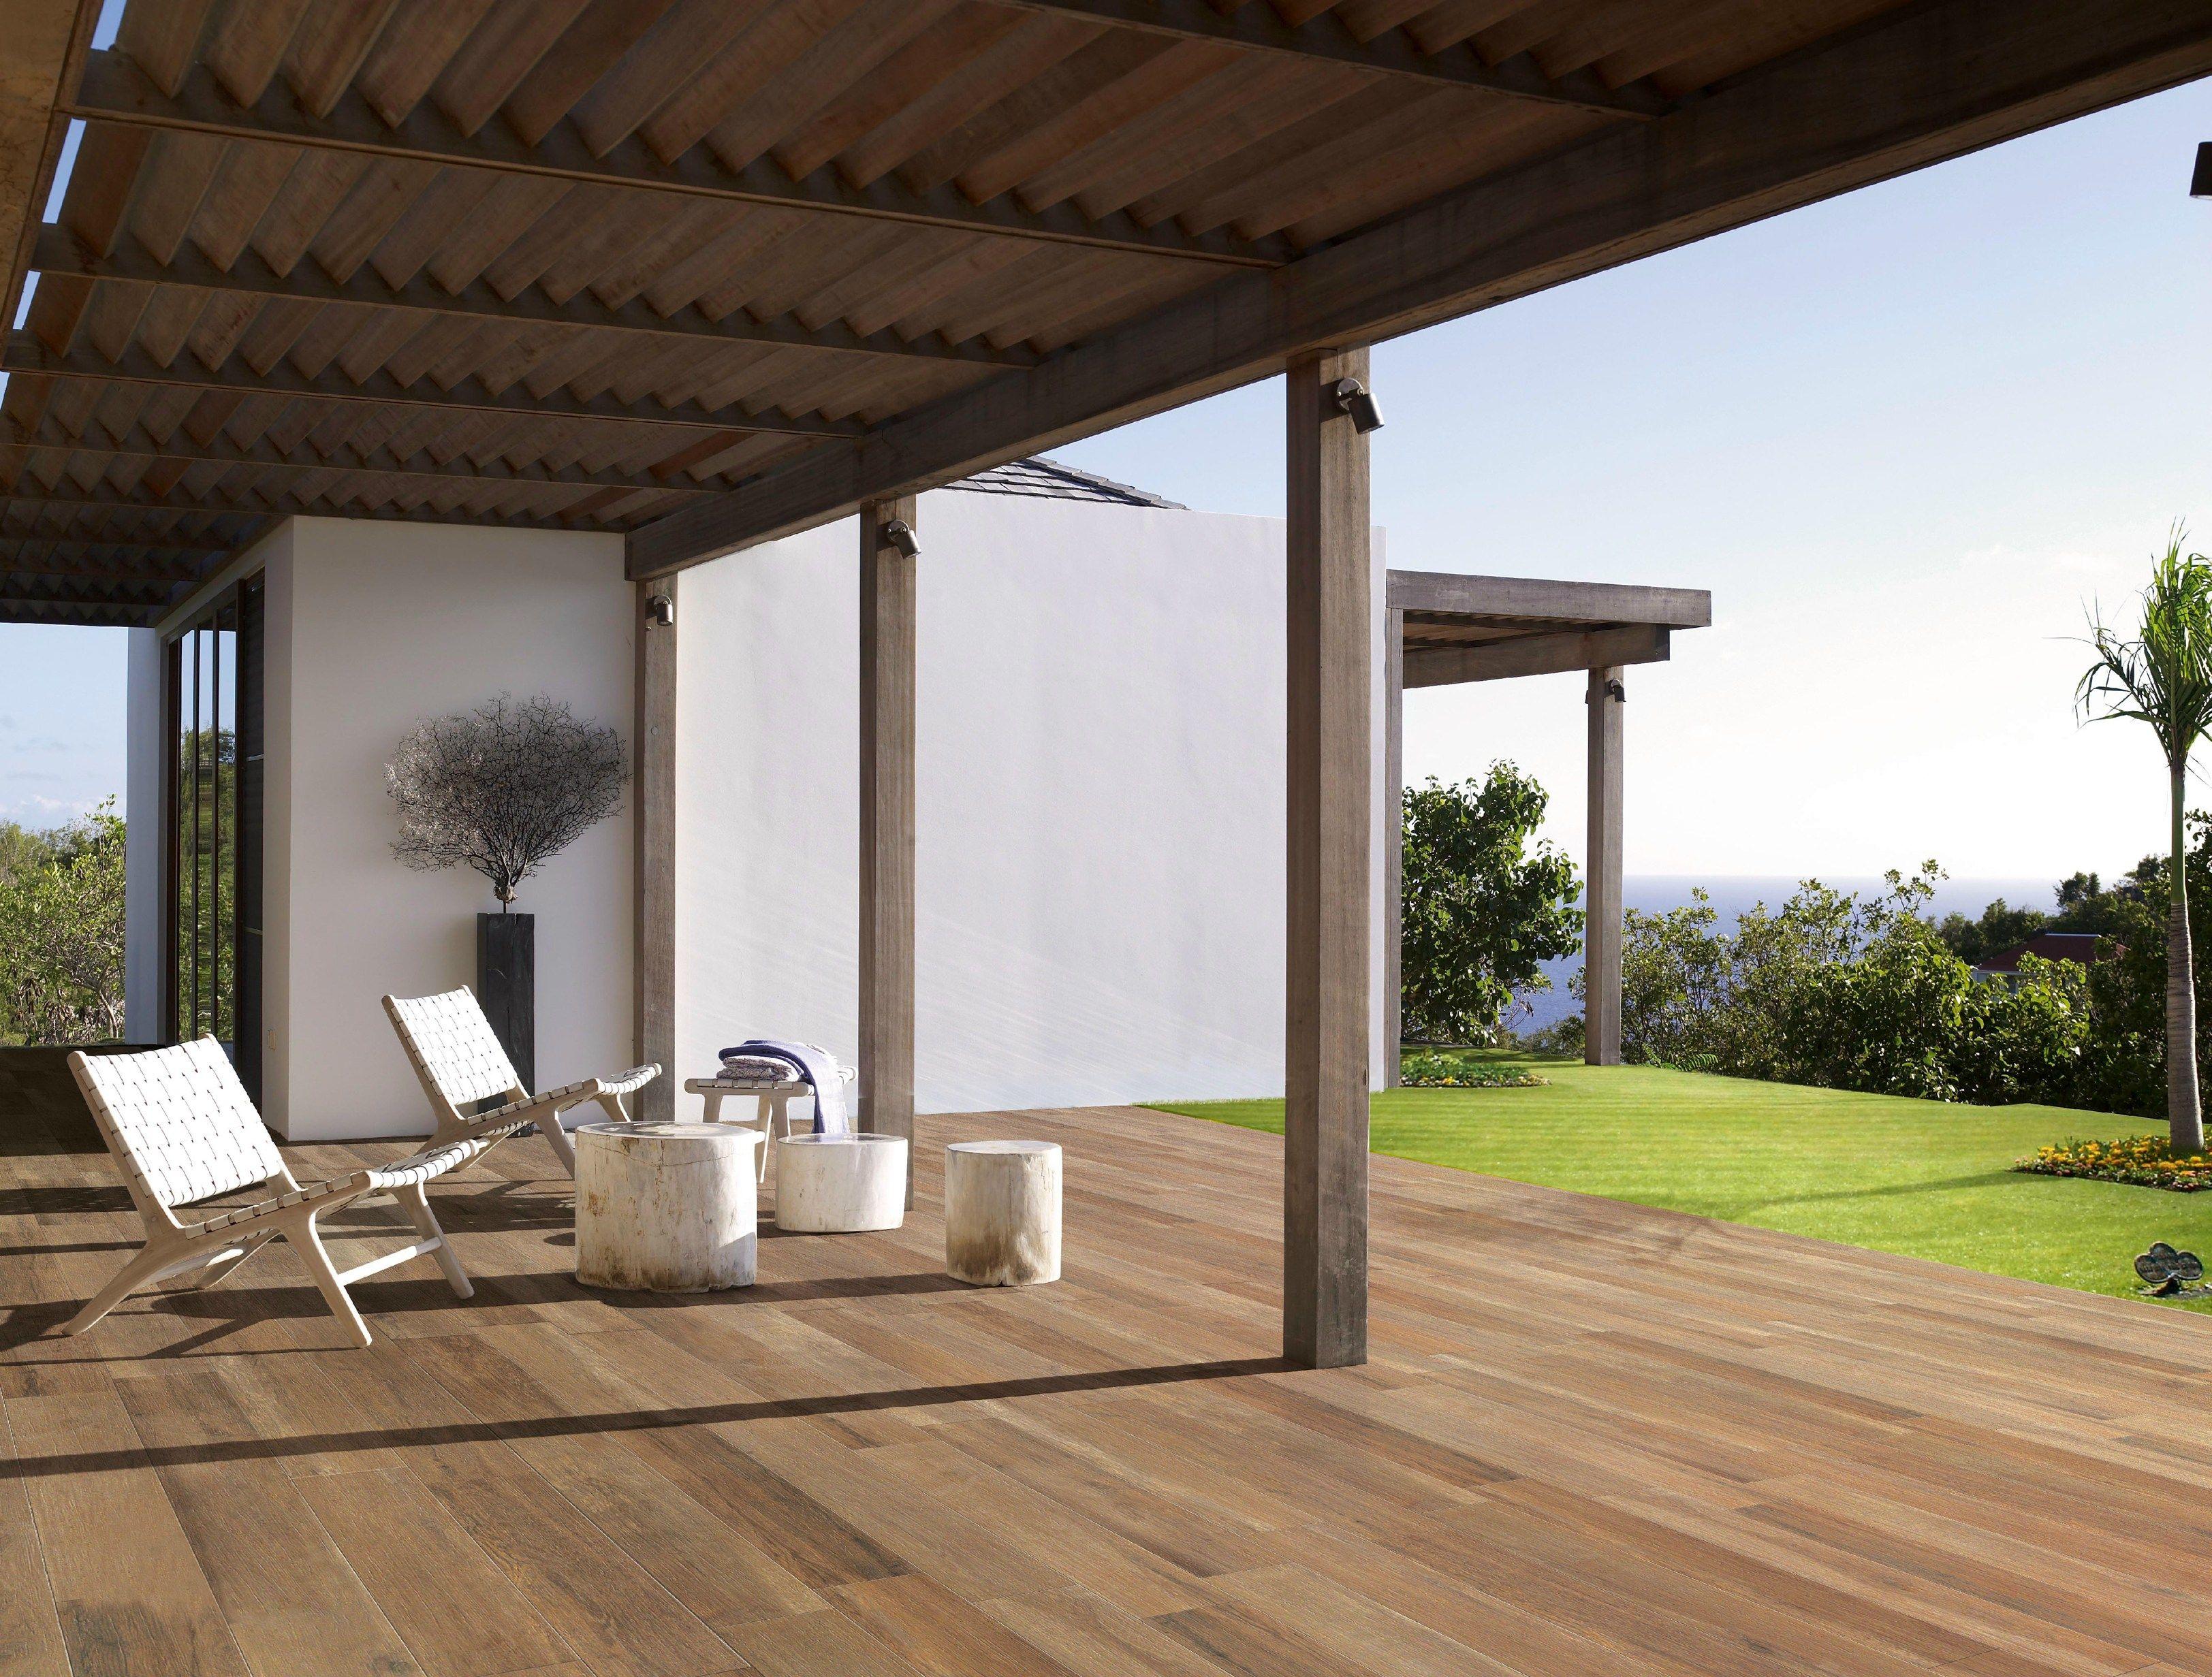 Pavimento in gres porcellanato effetto legno per interni ed esterni TRAVEL by Ceramiche Supergres